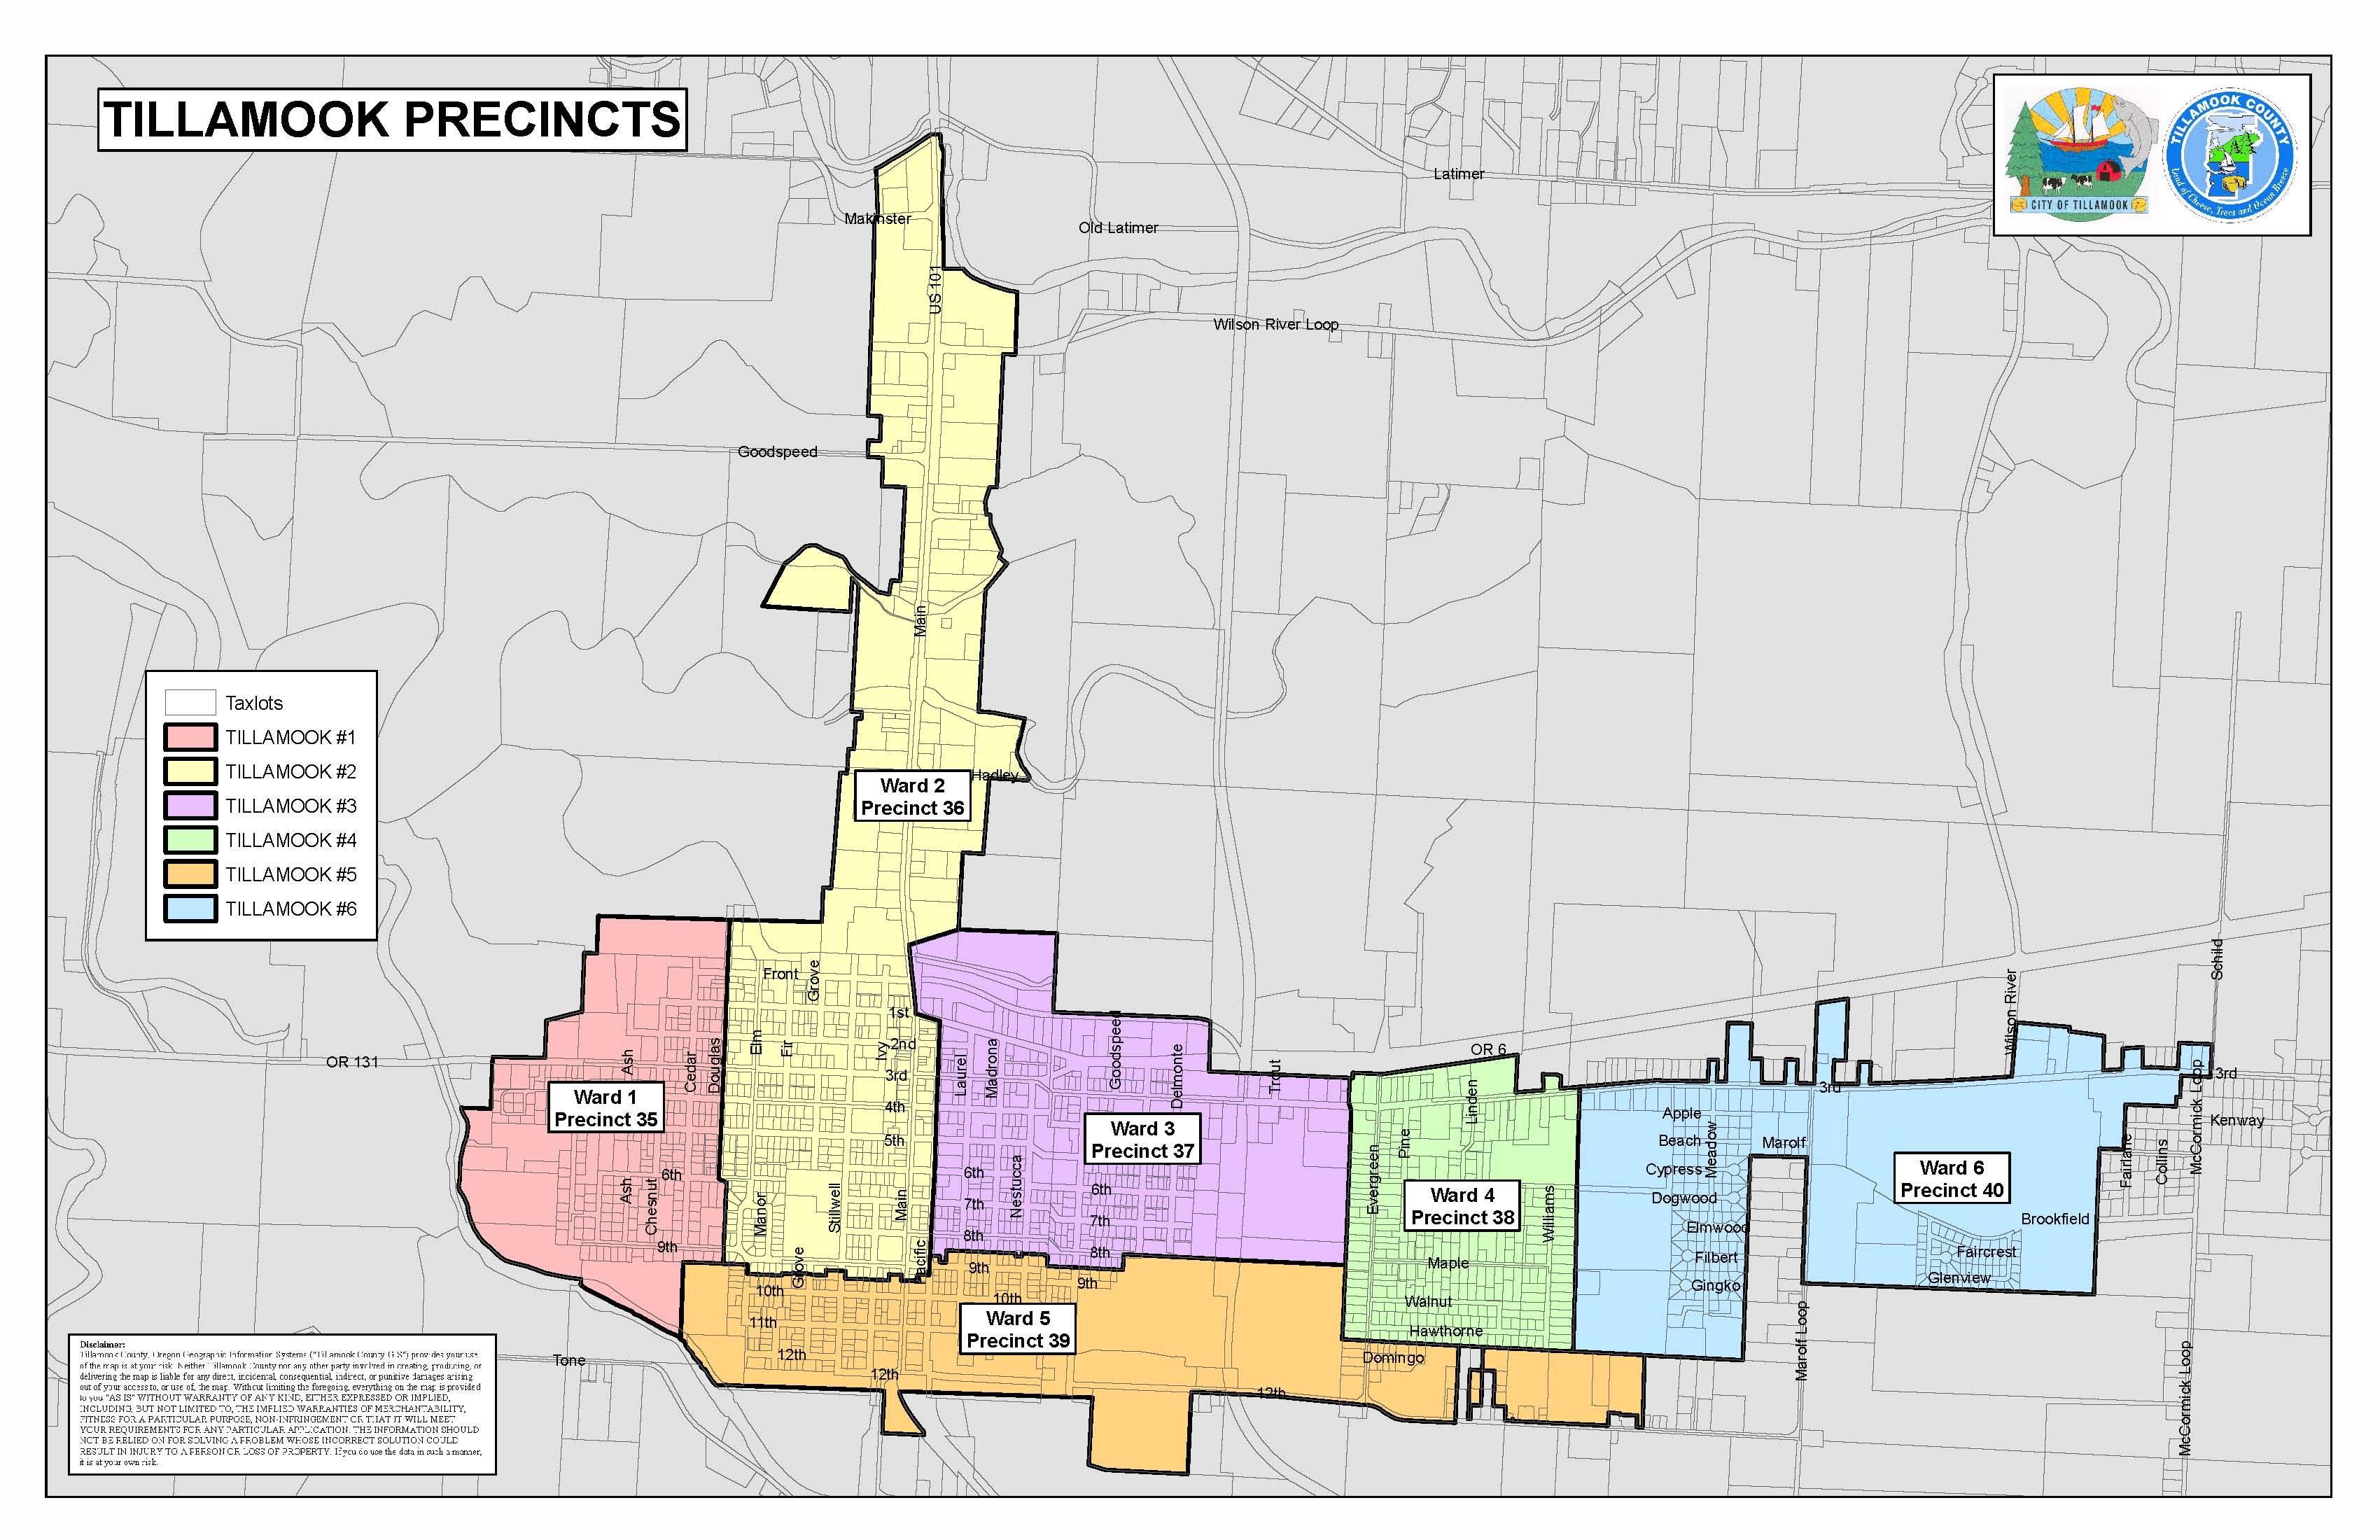 Tillamook Precincts 2010 (in color)